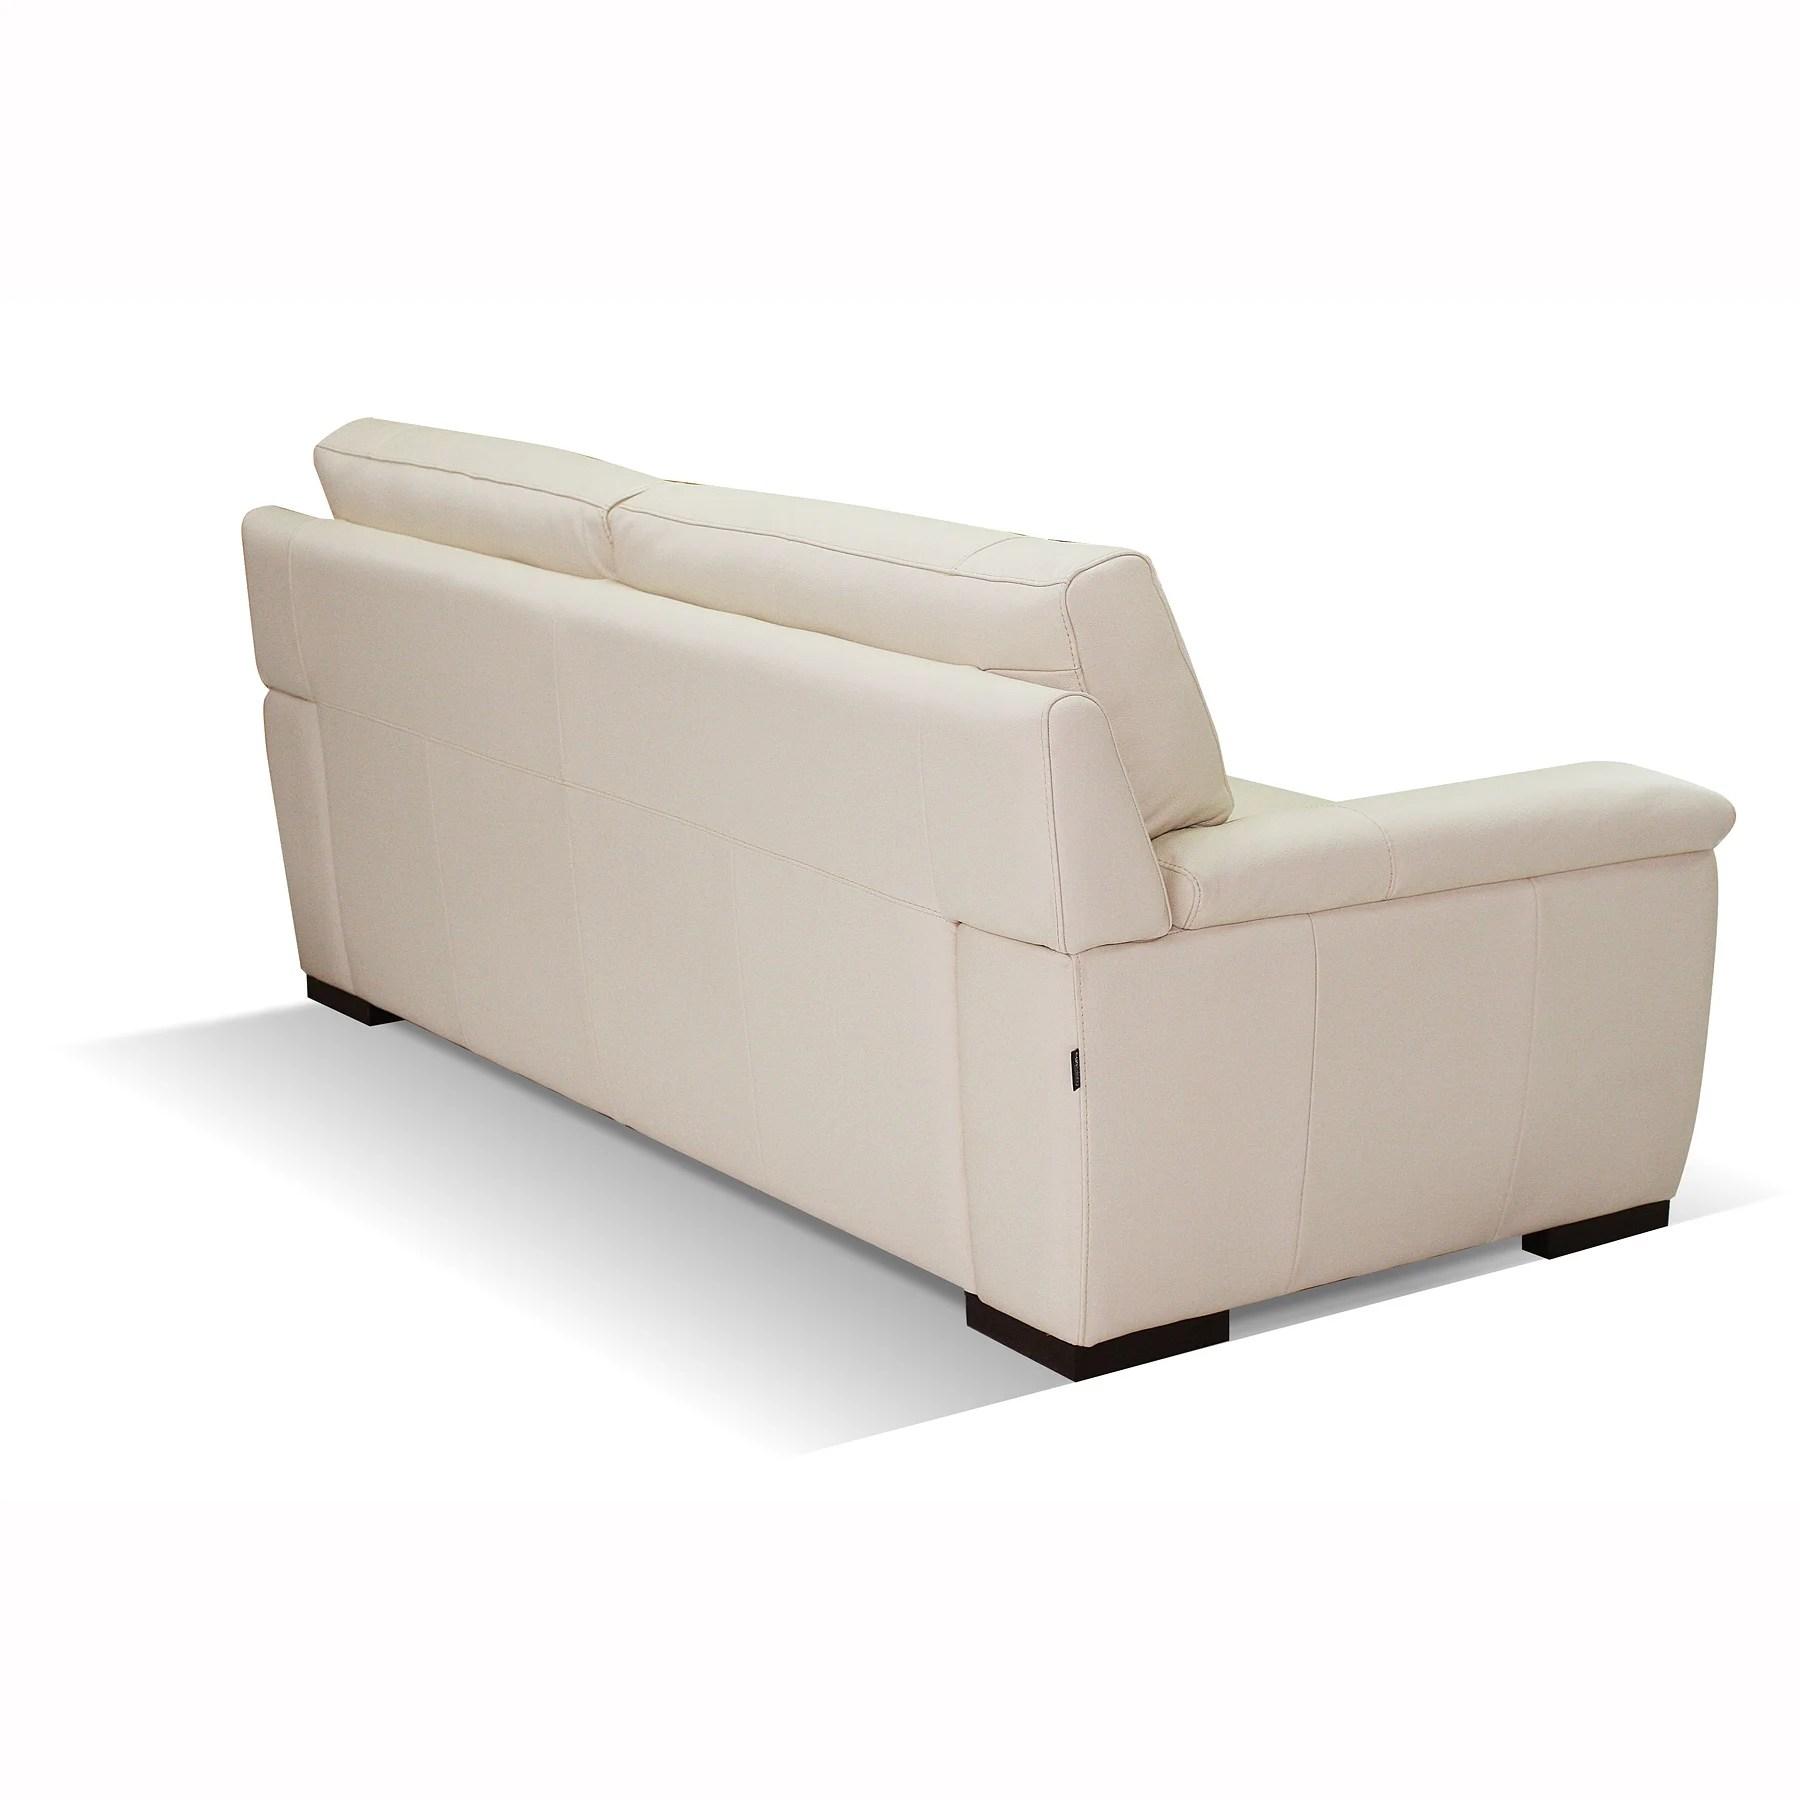 albany leather sofa more bohus wade logan 3 seater wayfair